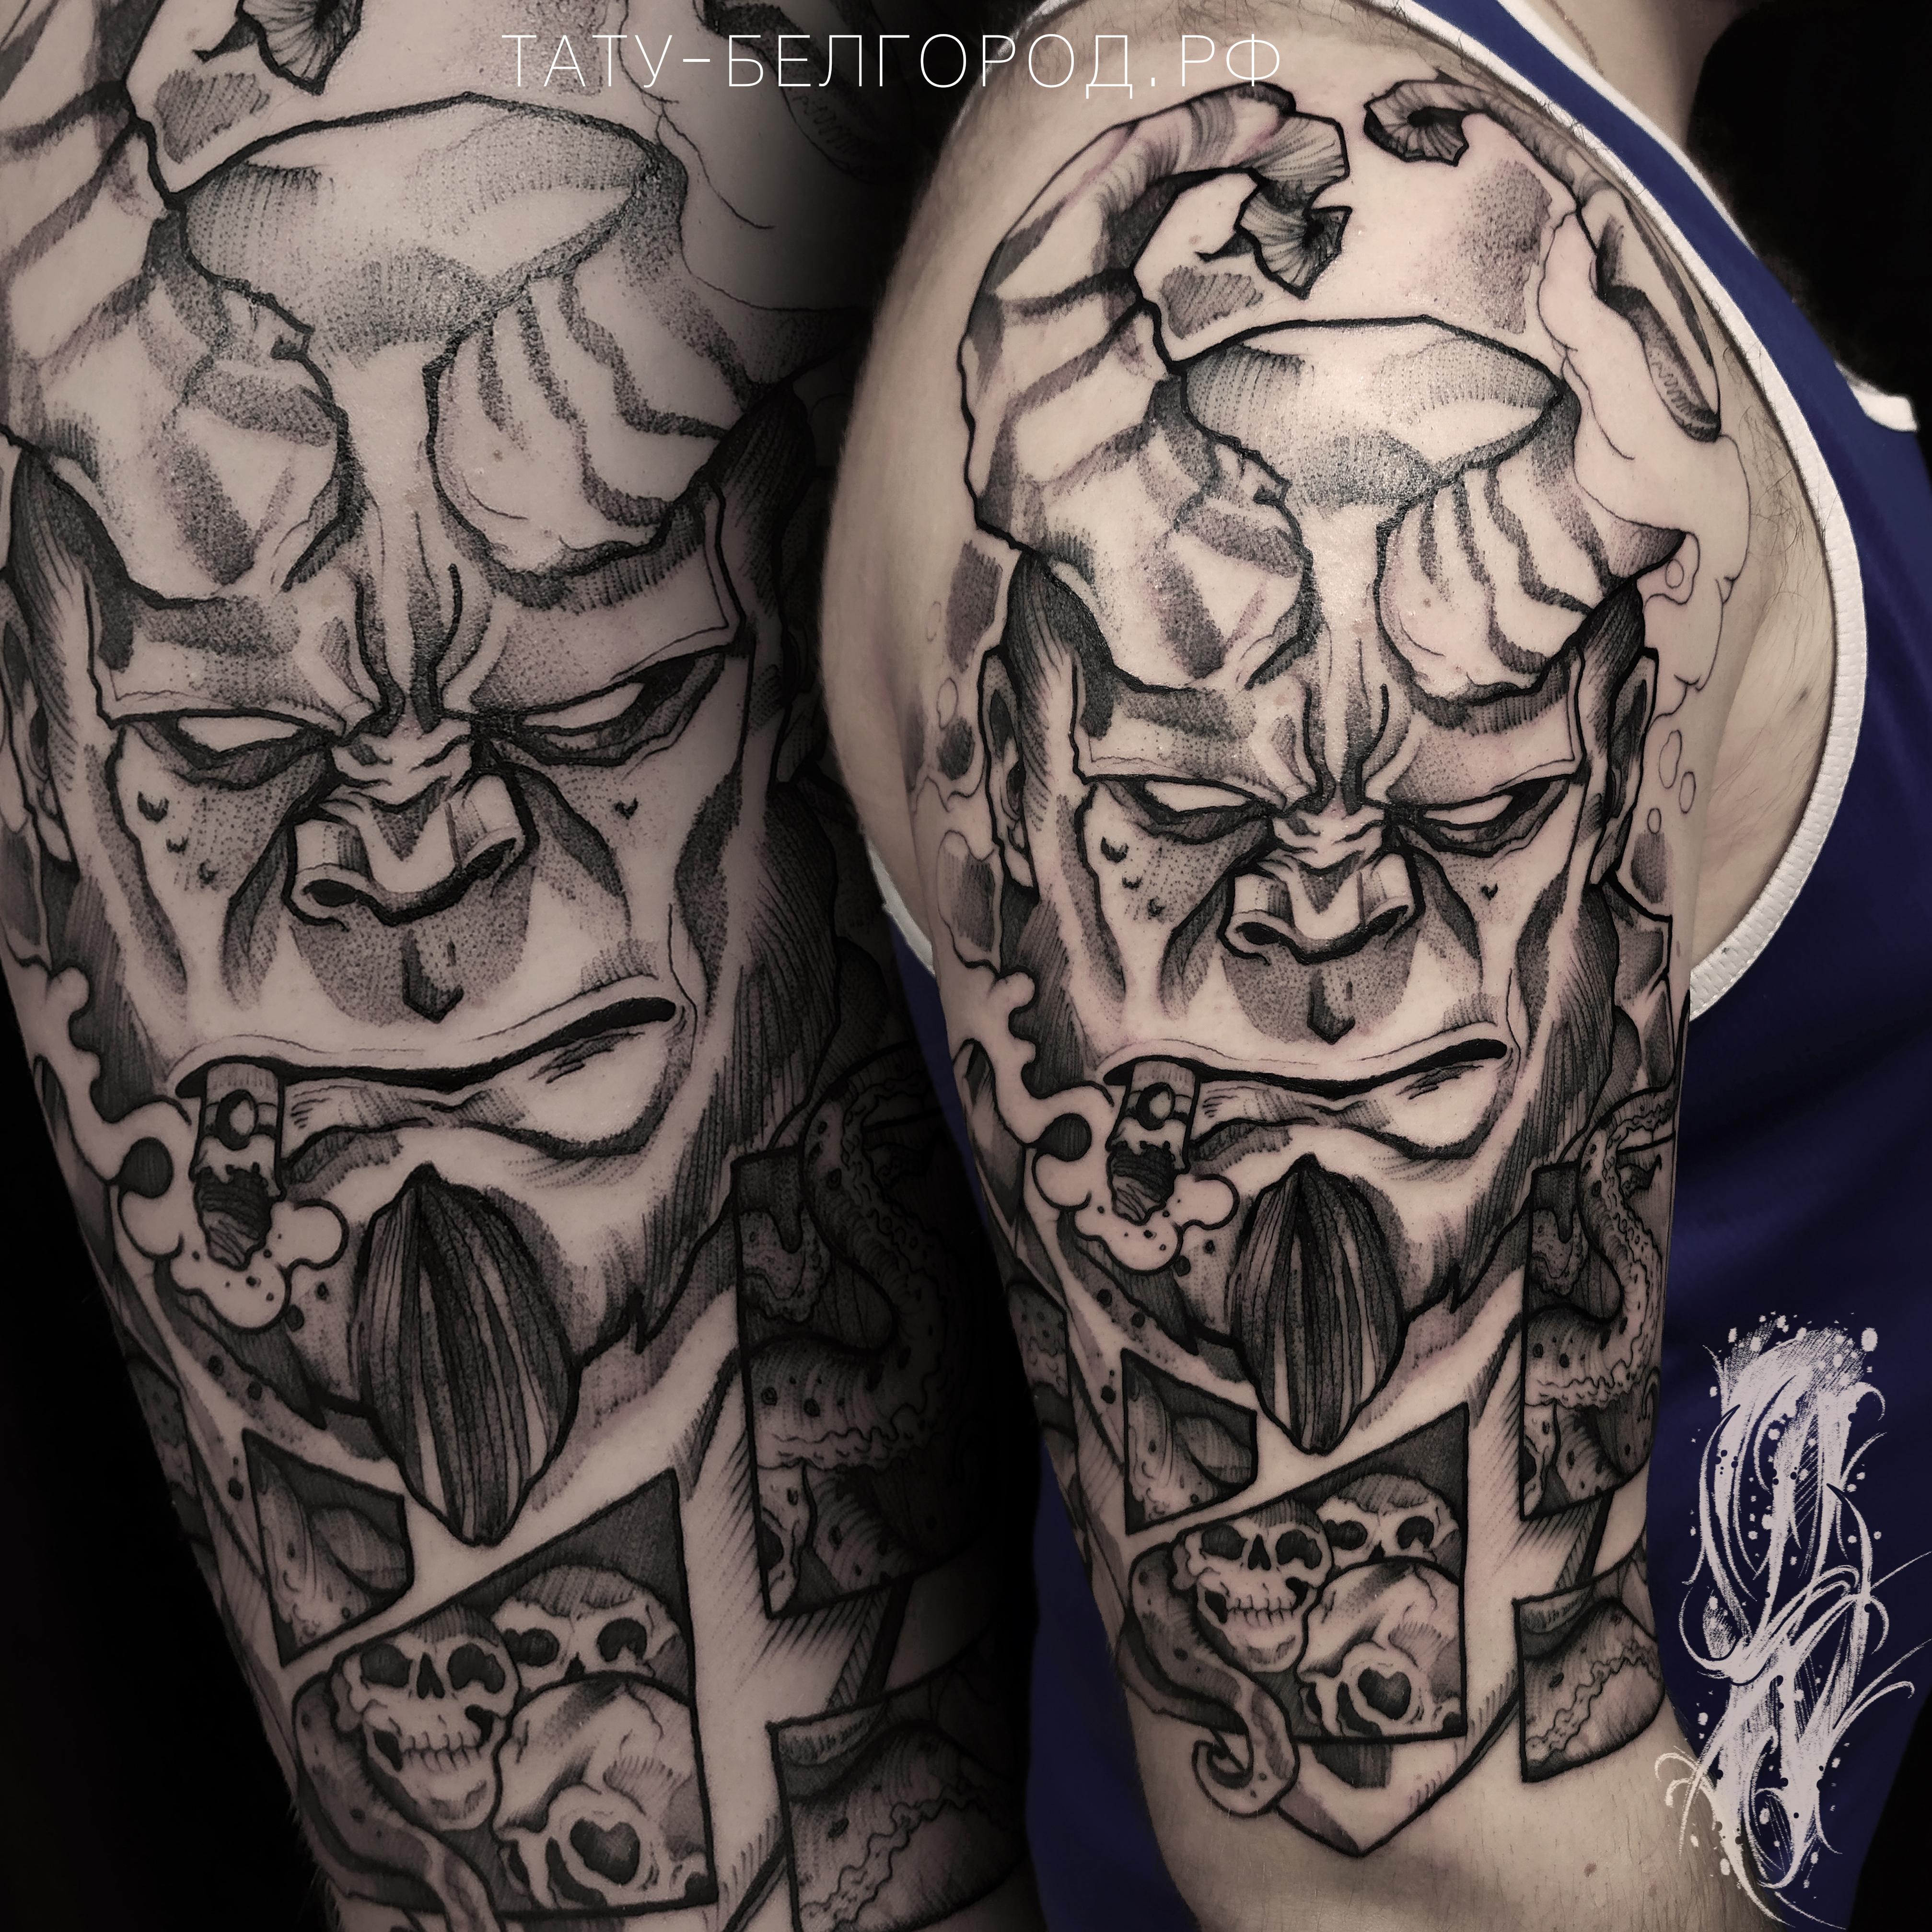 Фото татуировки, хелбой на плече у мужчи